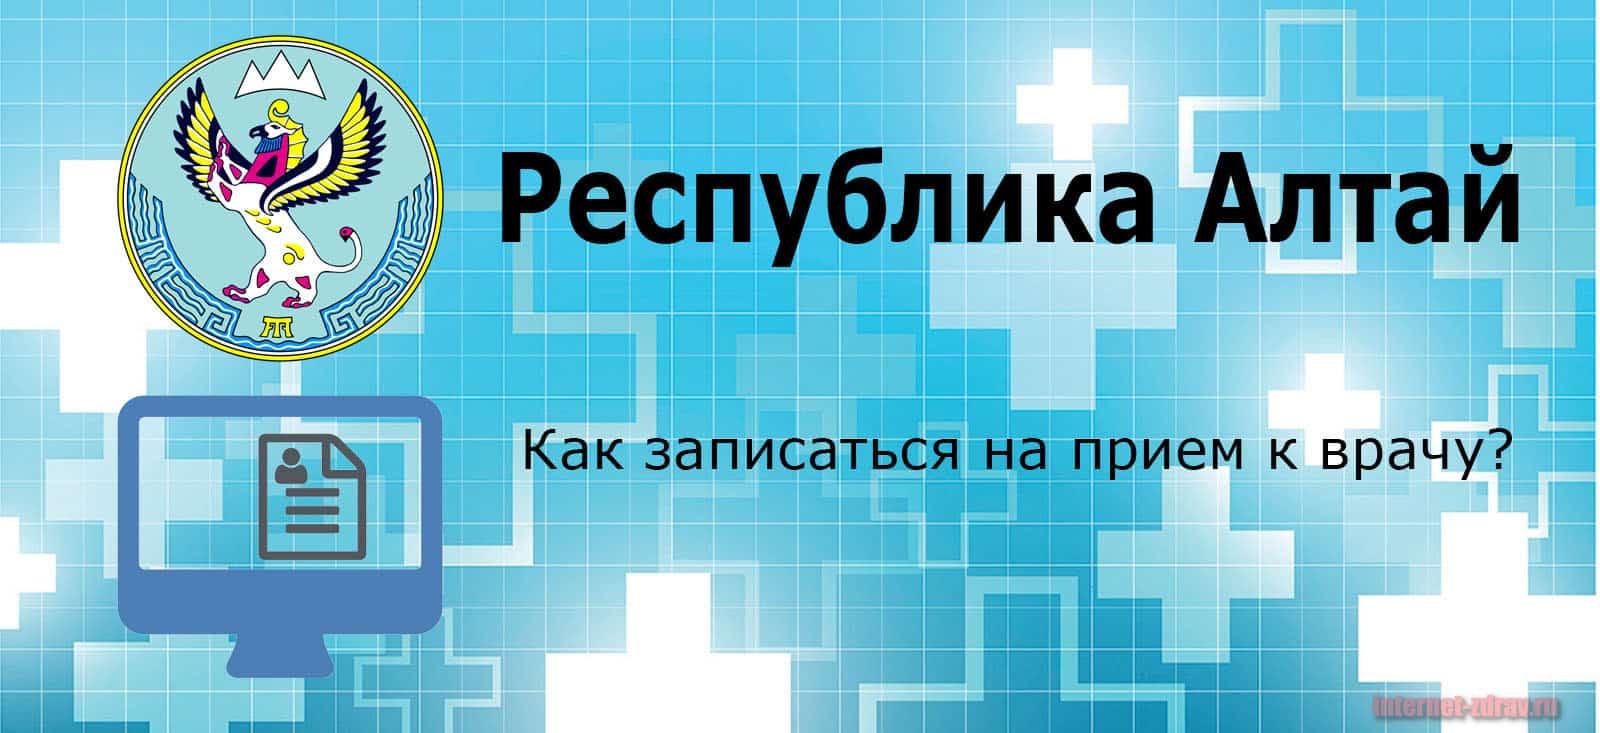 Республика Алтай - как записаться на прием к врачу